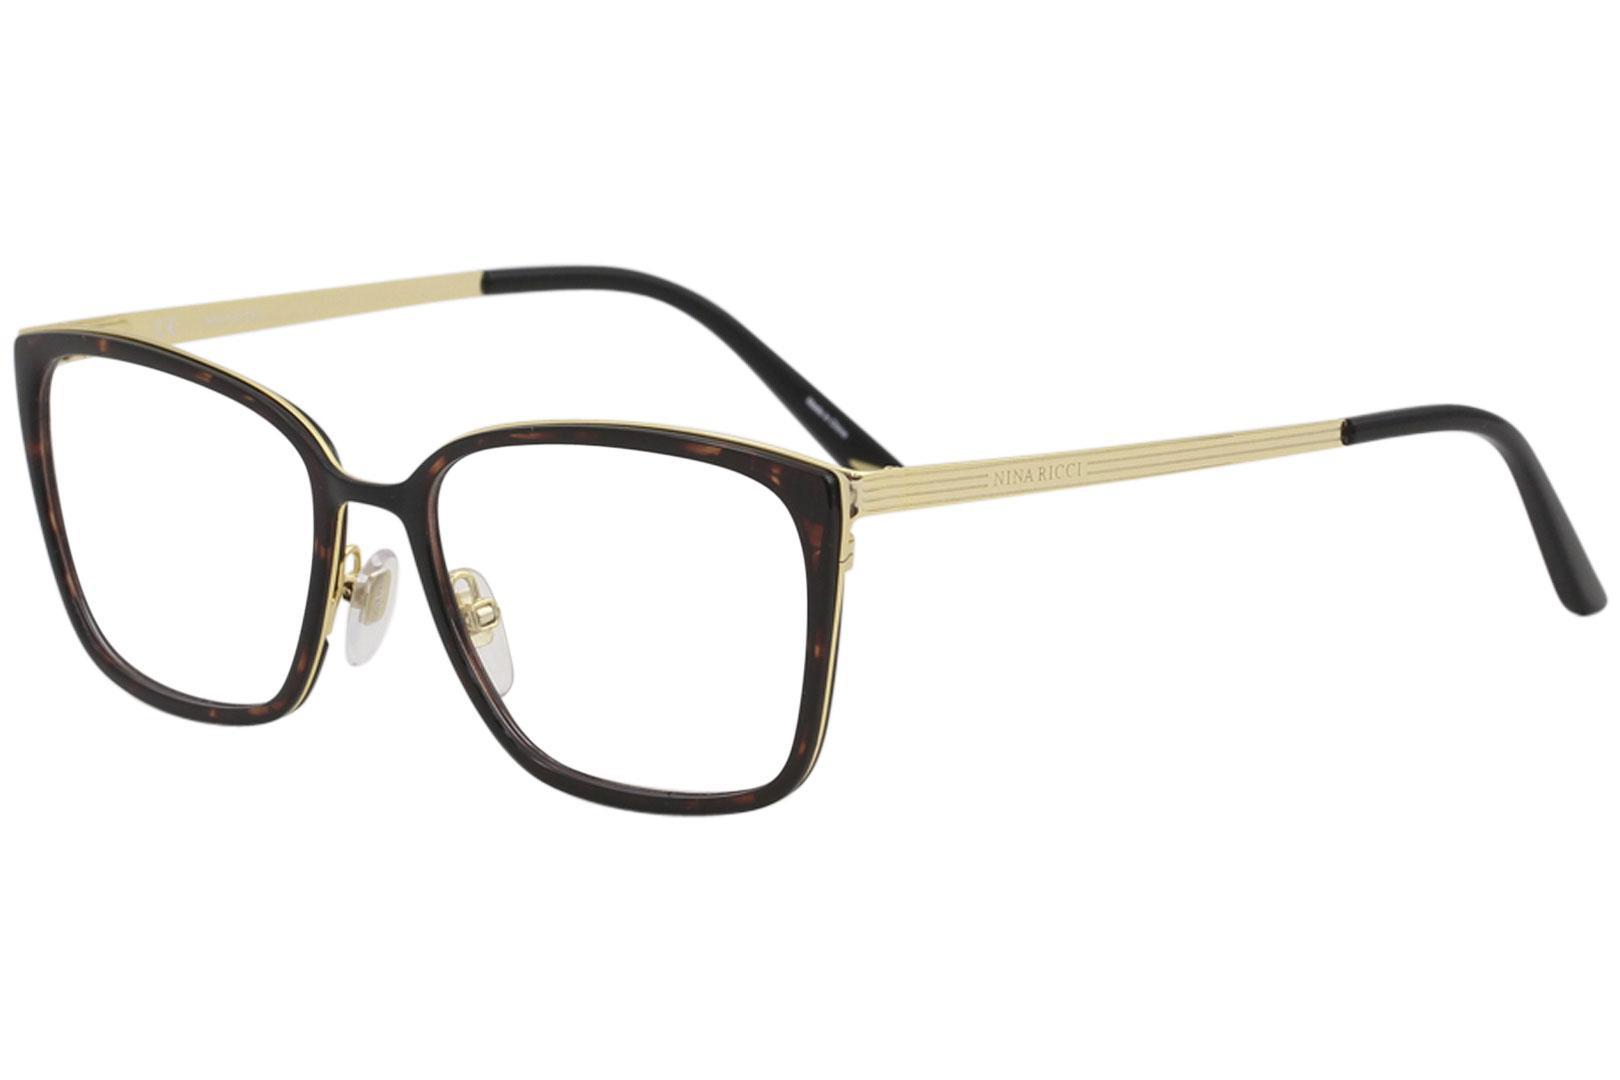 f0b49313c5 Nina Ricci Women s Eyeglasses VNR127 VNR 127 Full Rim Optical Frame